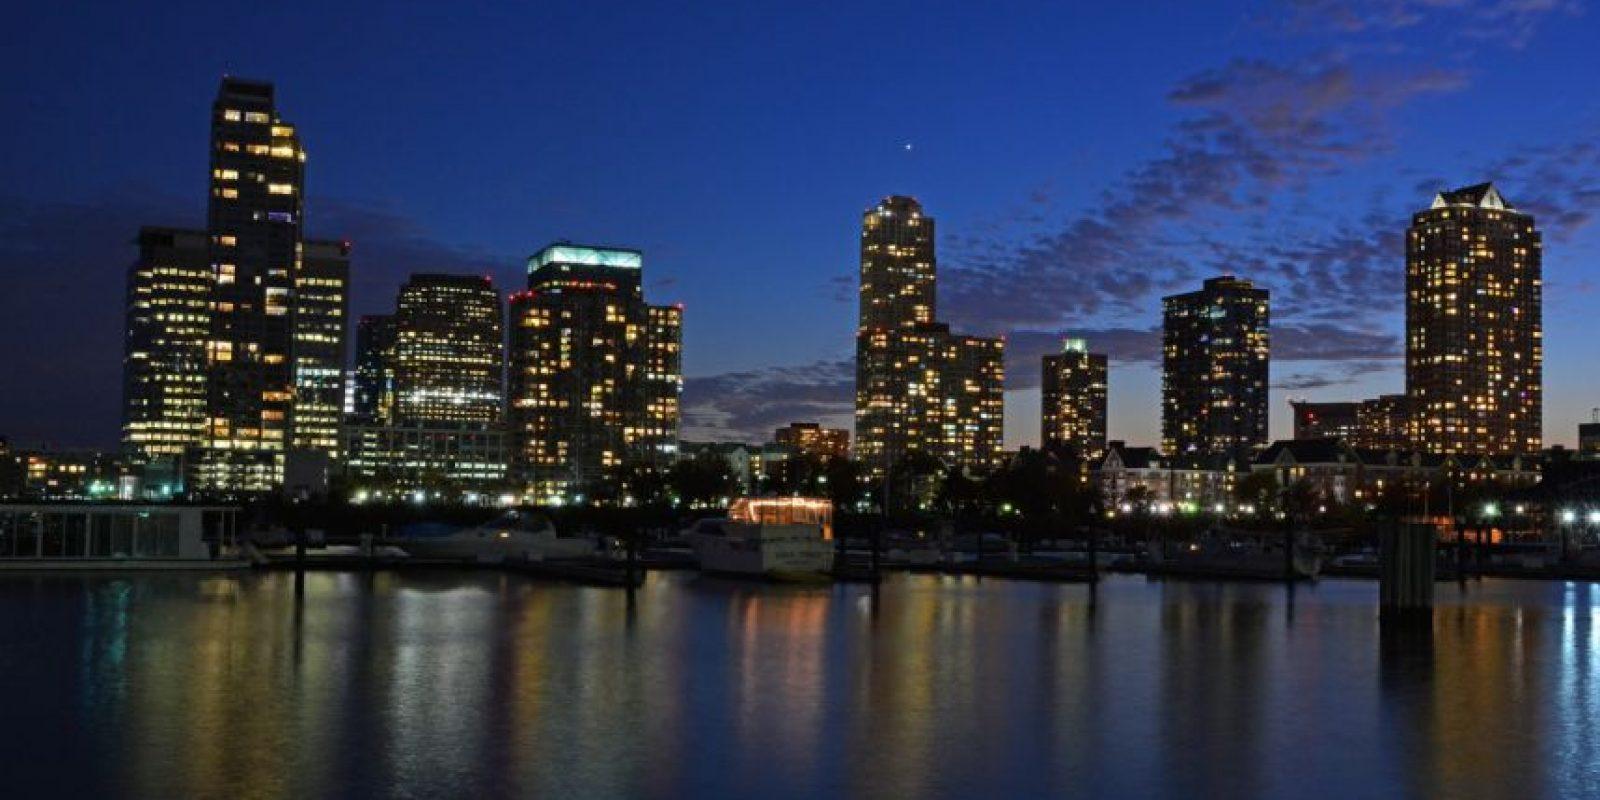 Todo ocurrió en Nueva Jersey. Foto:Vía flickr.com